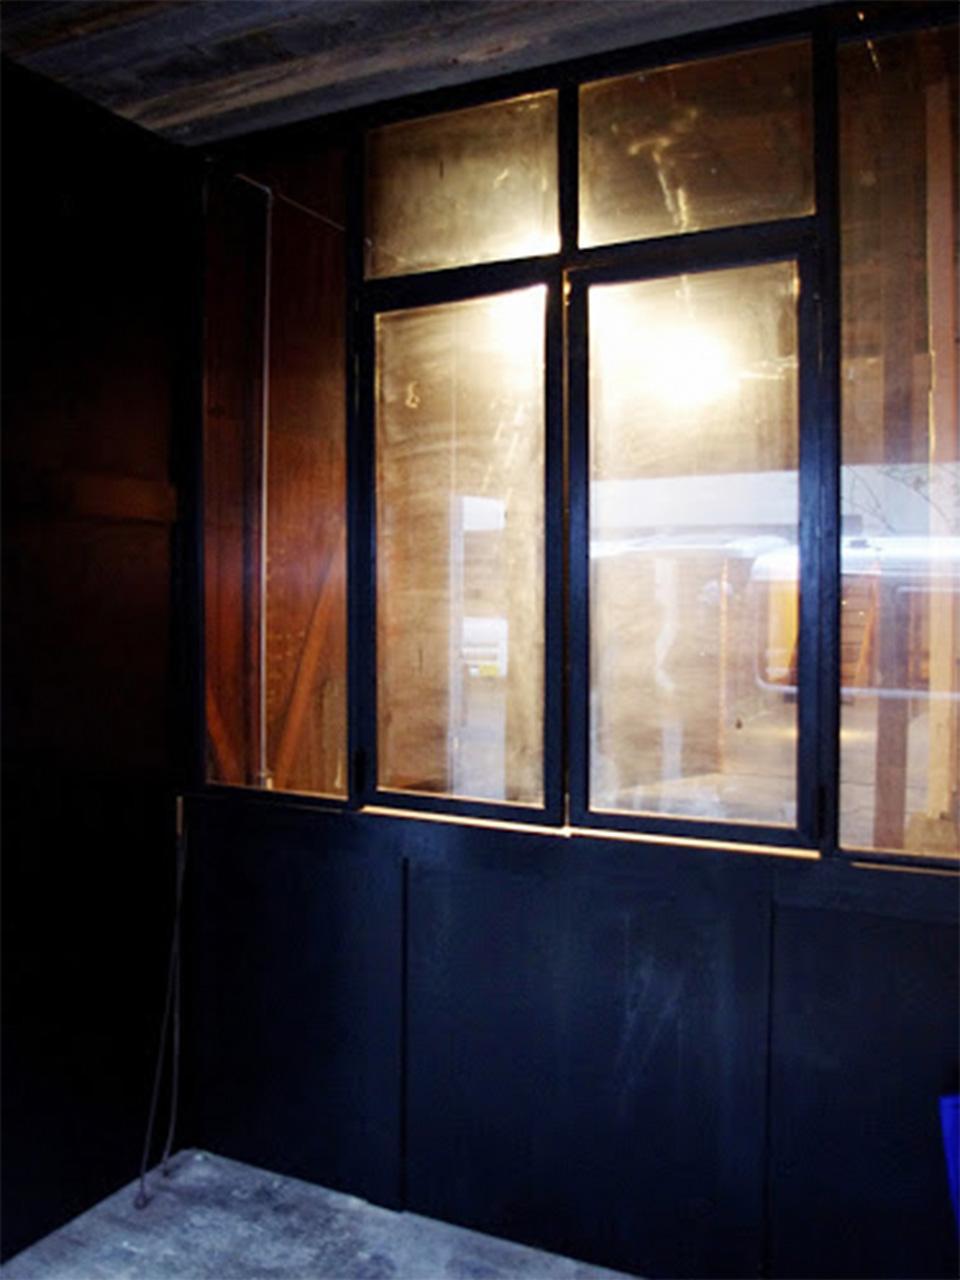 1Fエントランスには中がチラッと見えるガラス貼りの壁